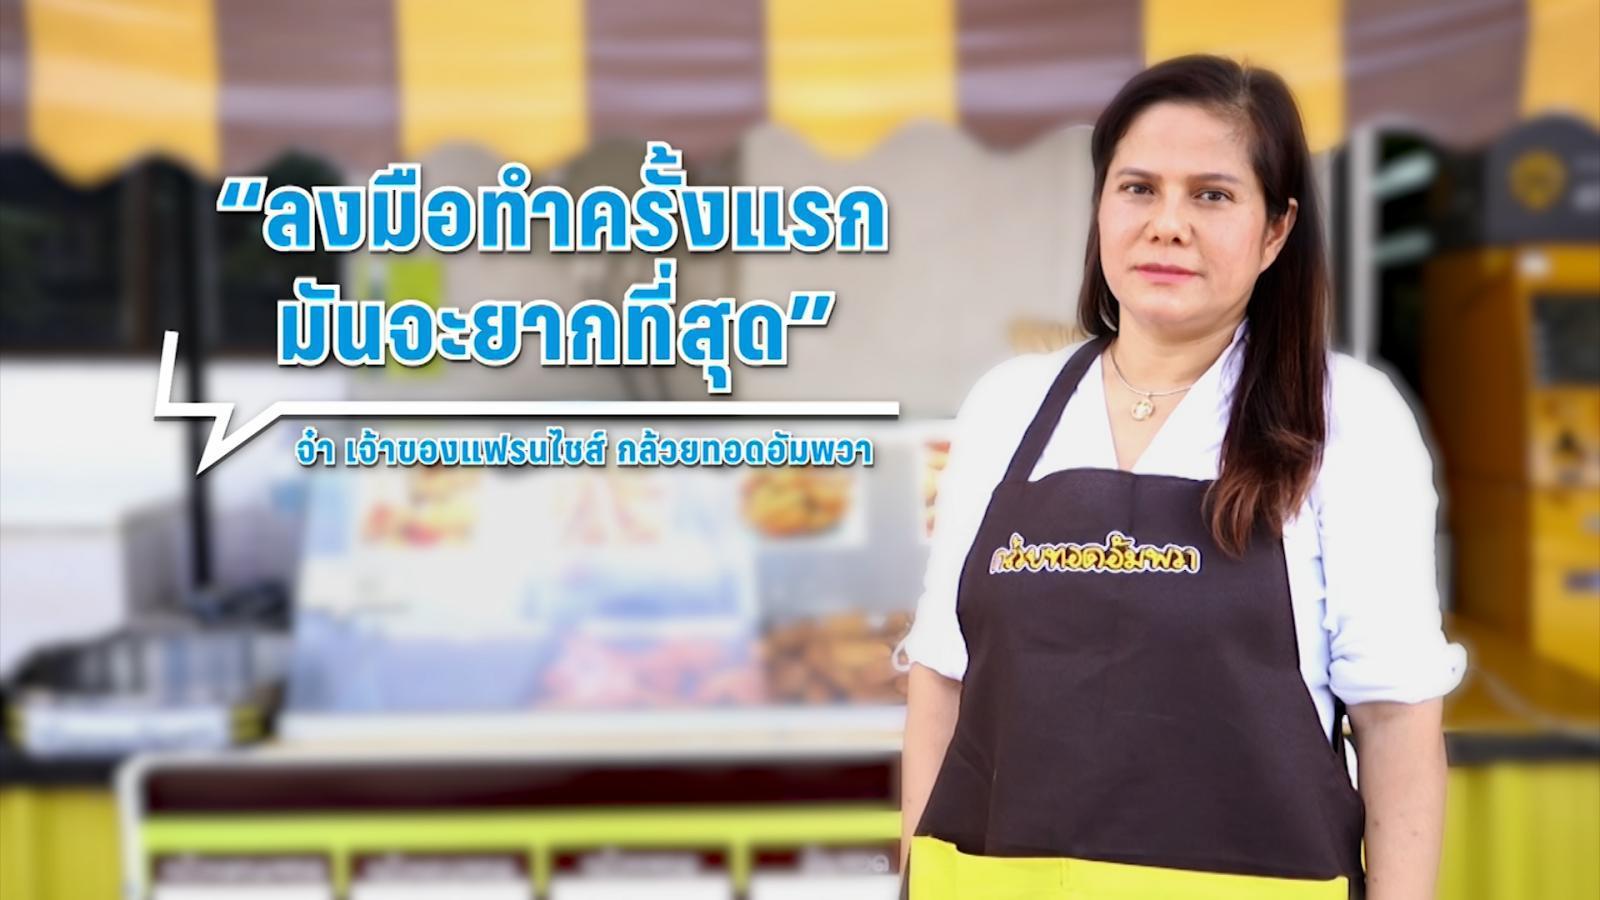 ธุรกิจคิดนอกกรอบ : กล้วยทอดอัมพวา